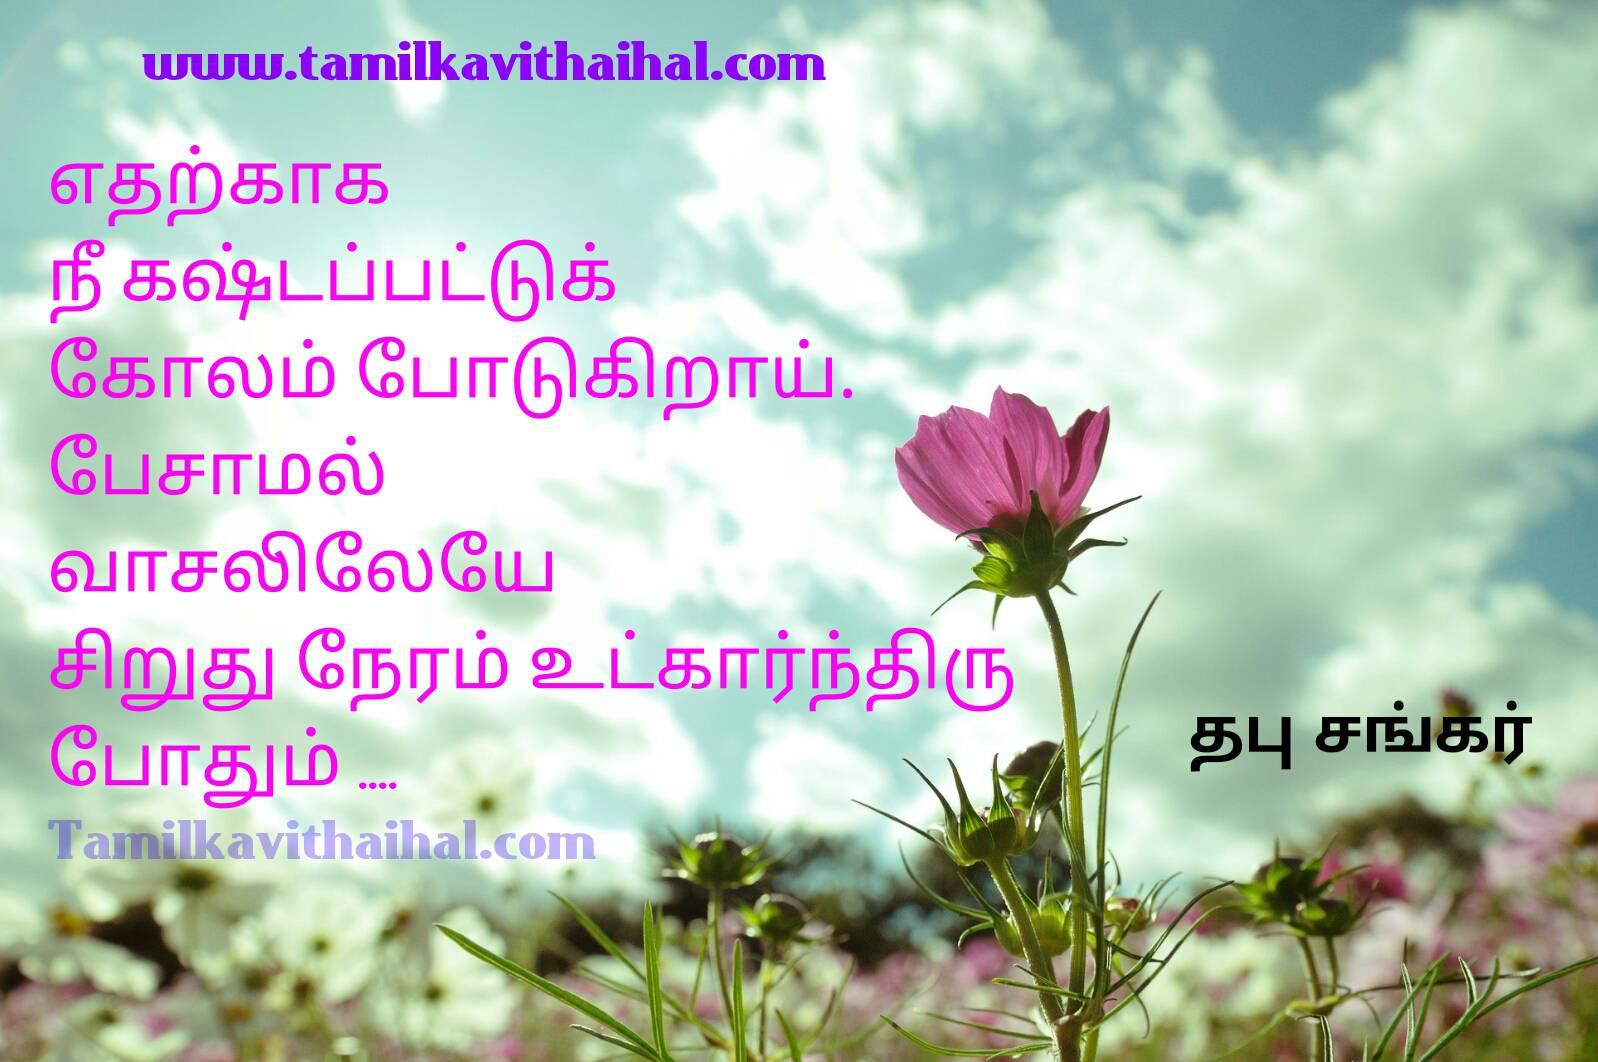 Beautiful tamil thabu sankar kavithai vili eerppu visai feel about love poem image